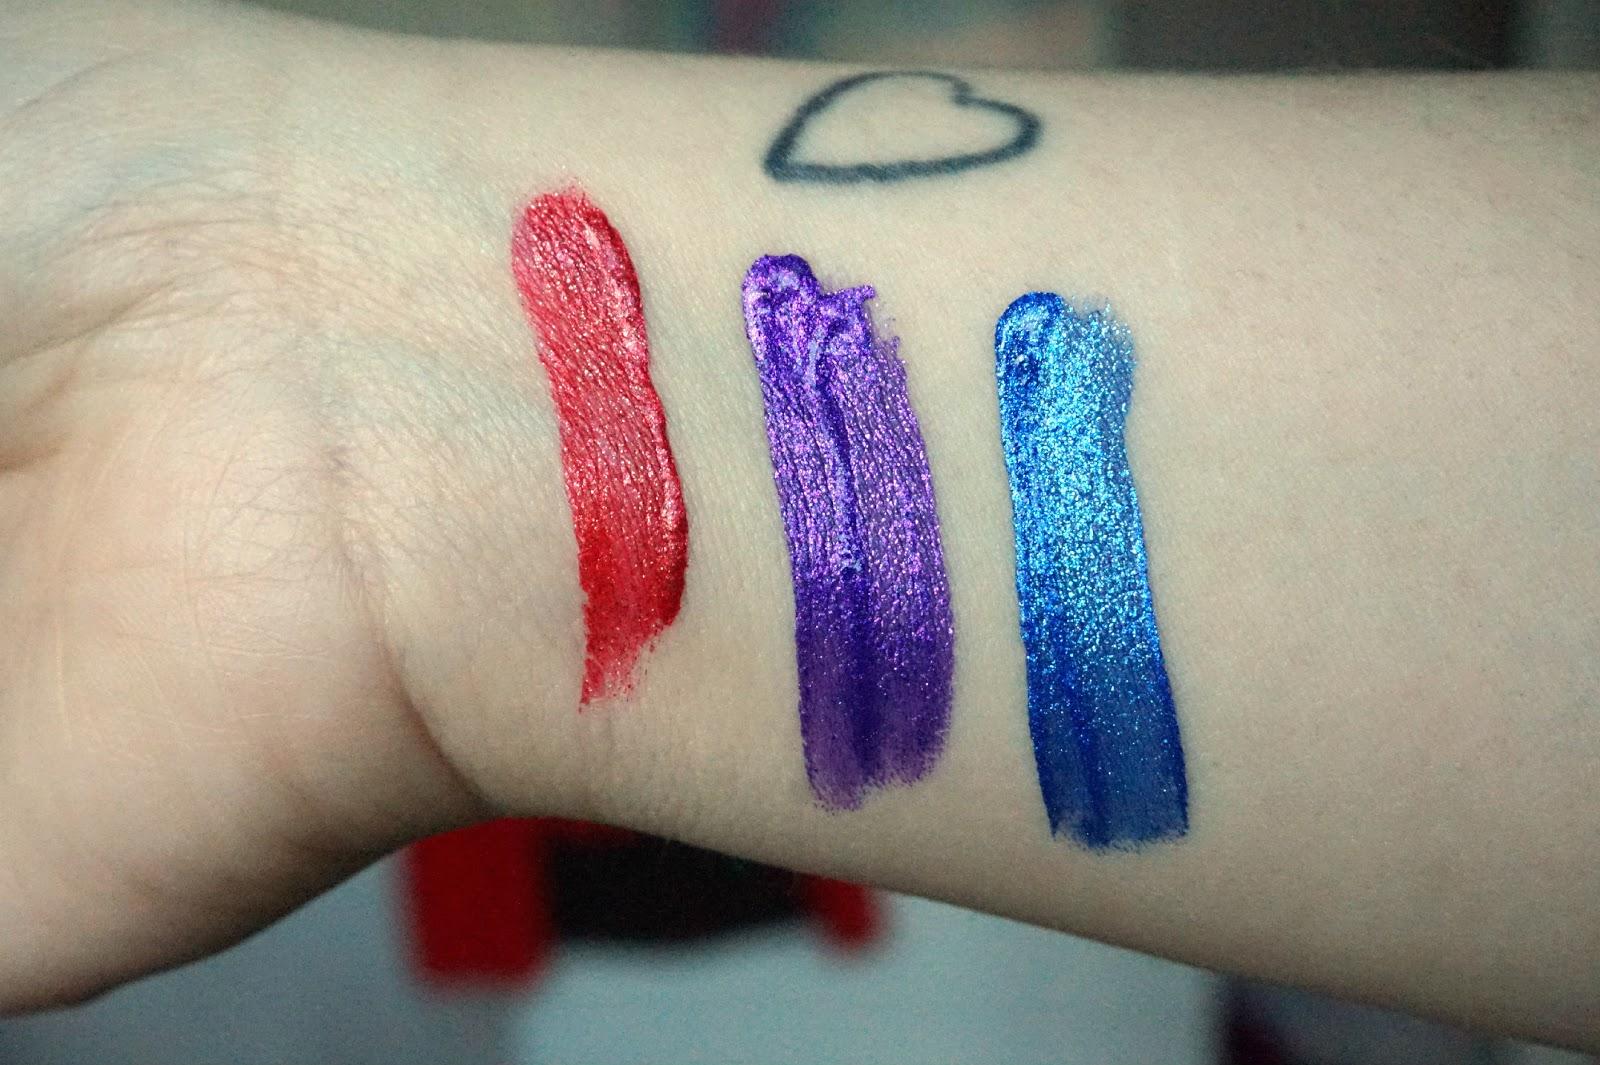 kat von d glimmer veils everlasting liquid lipstick review swatches dazzle reverb televator